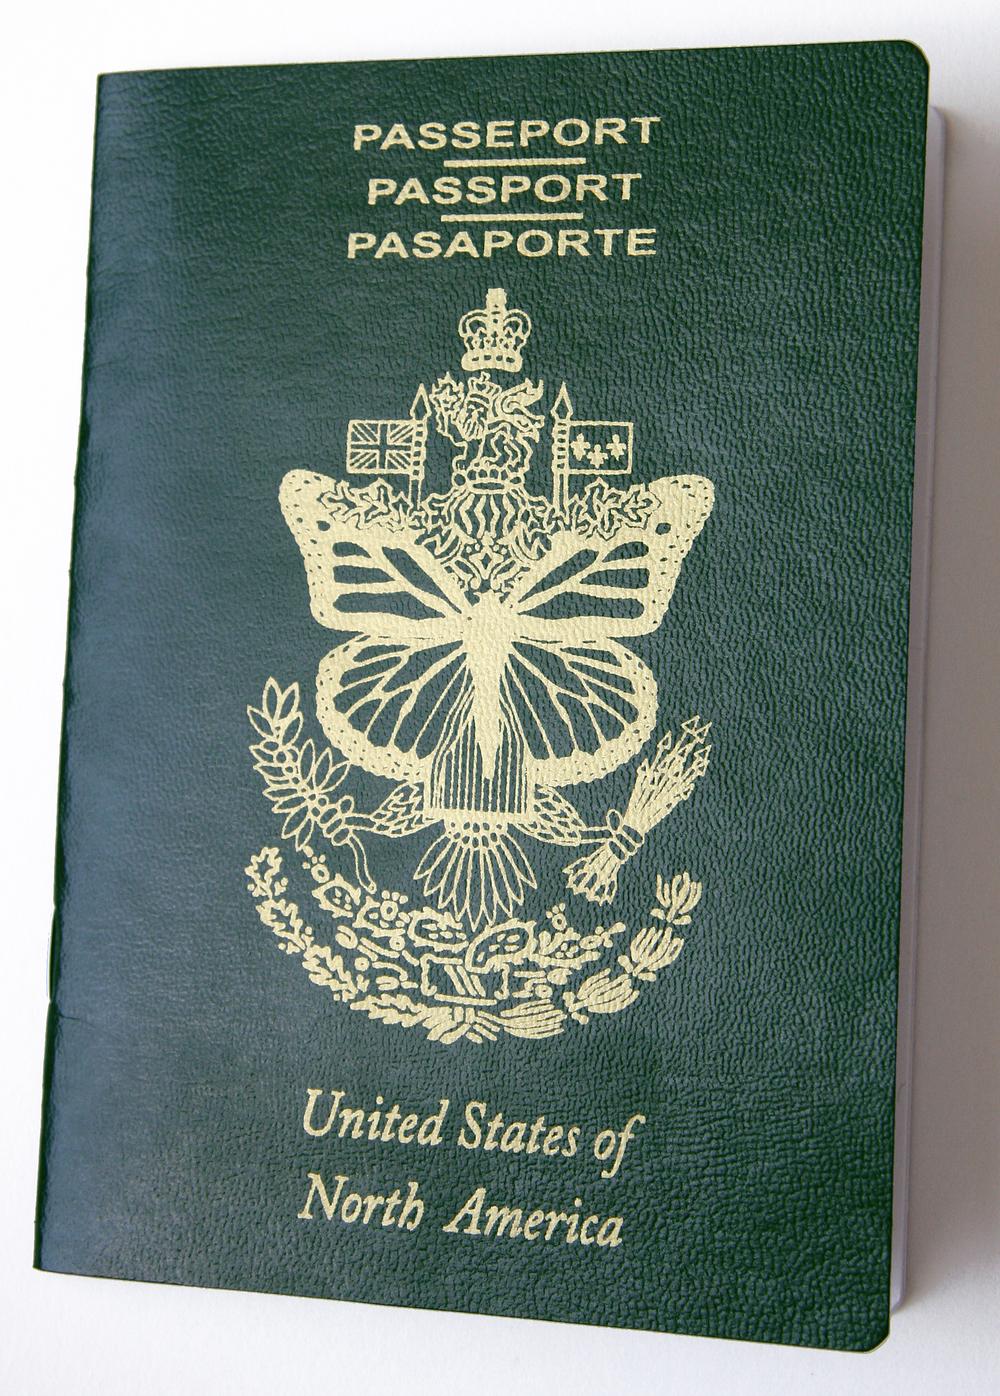 FOTO PASSPORT for catalog.jpg